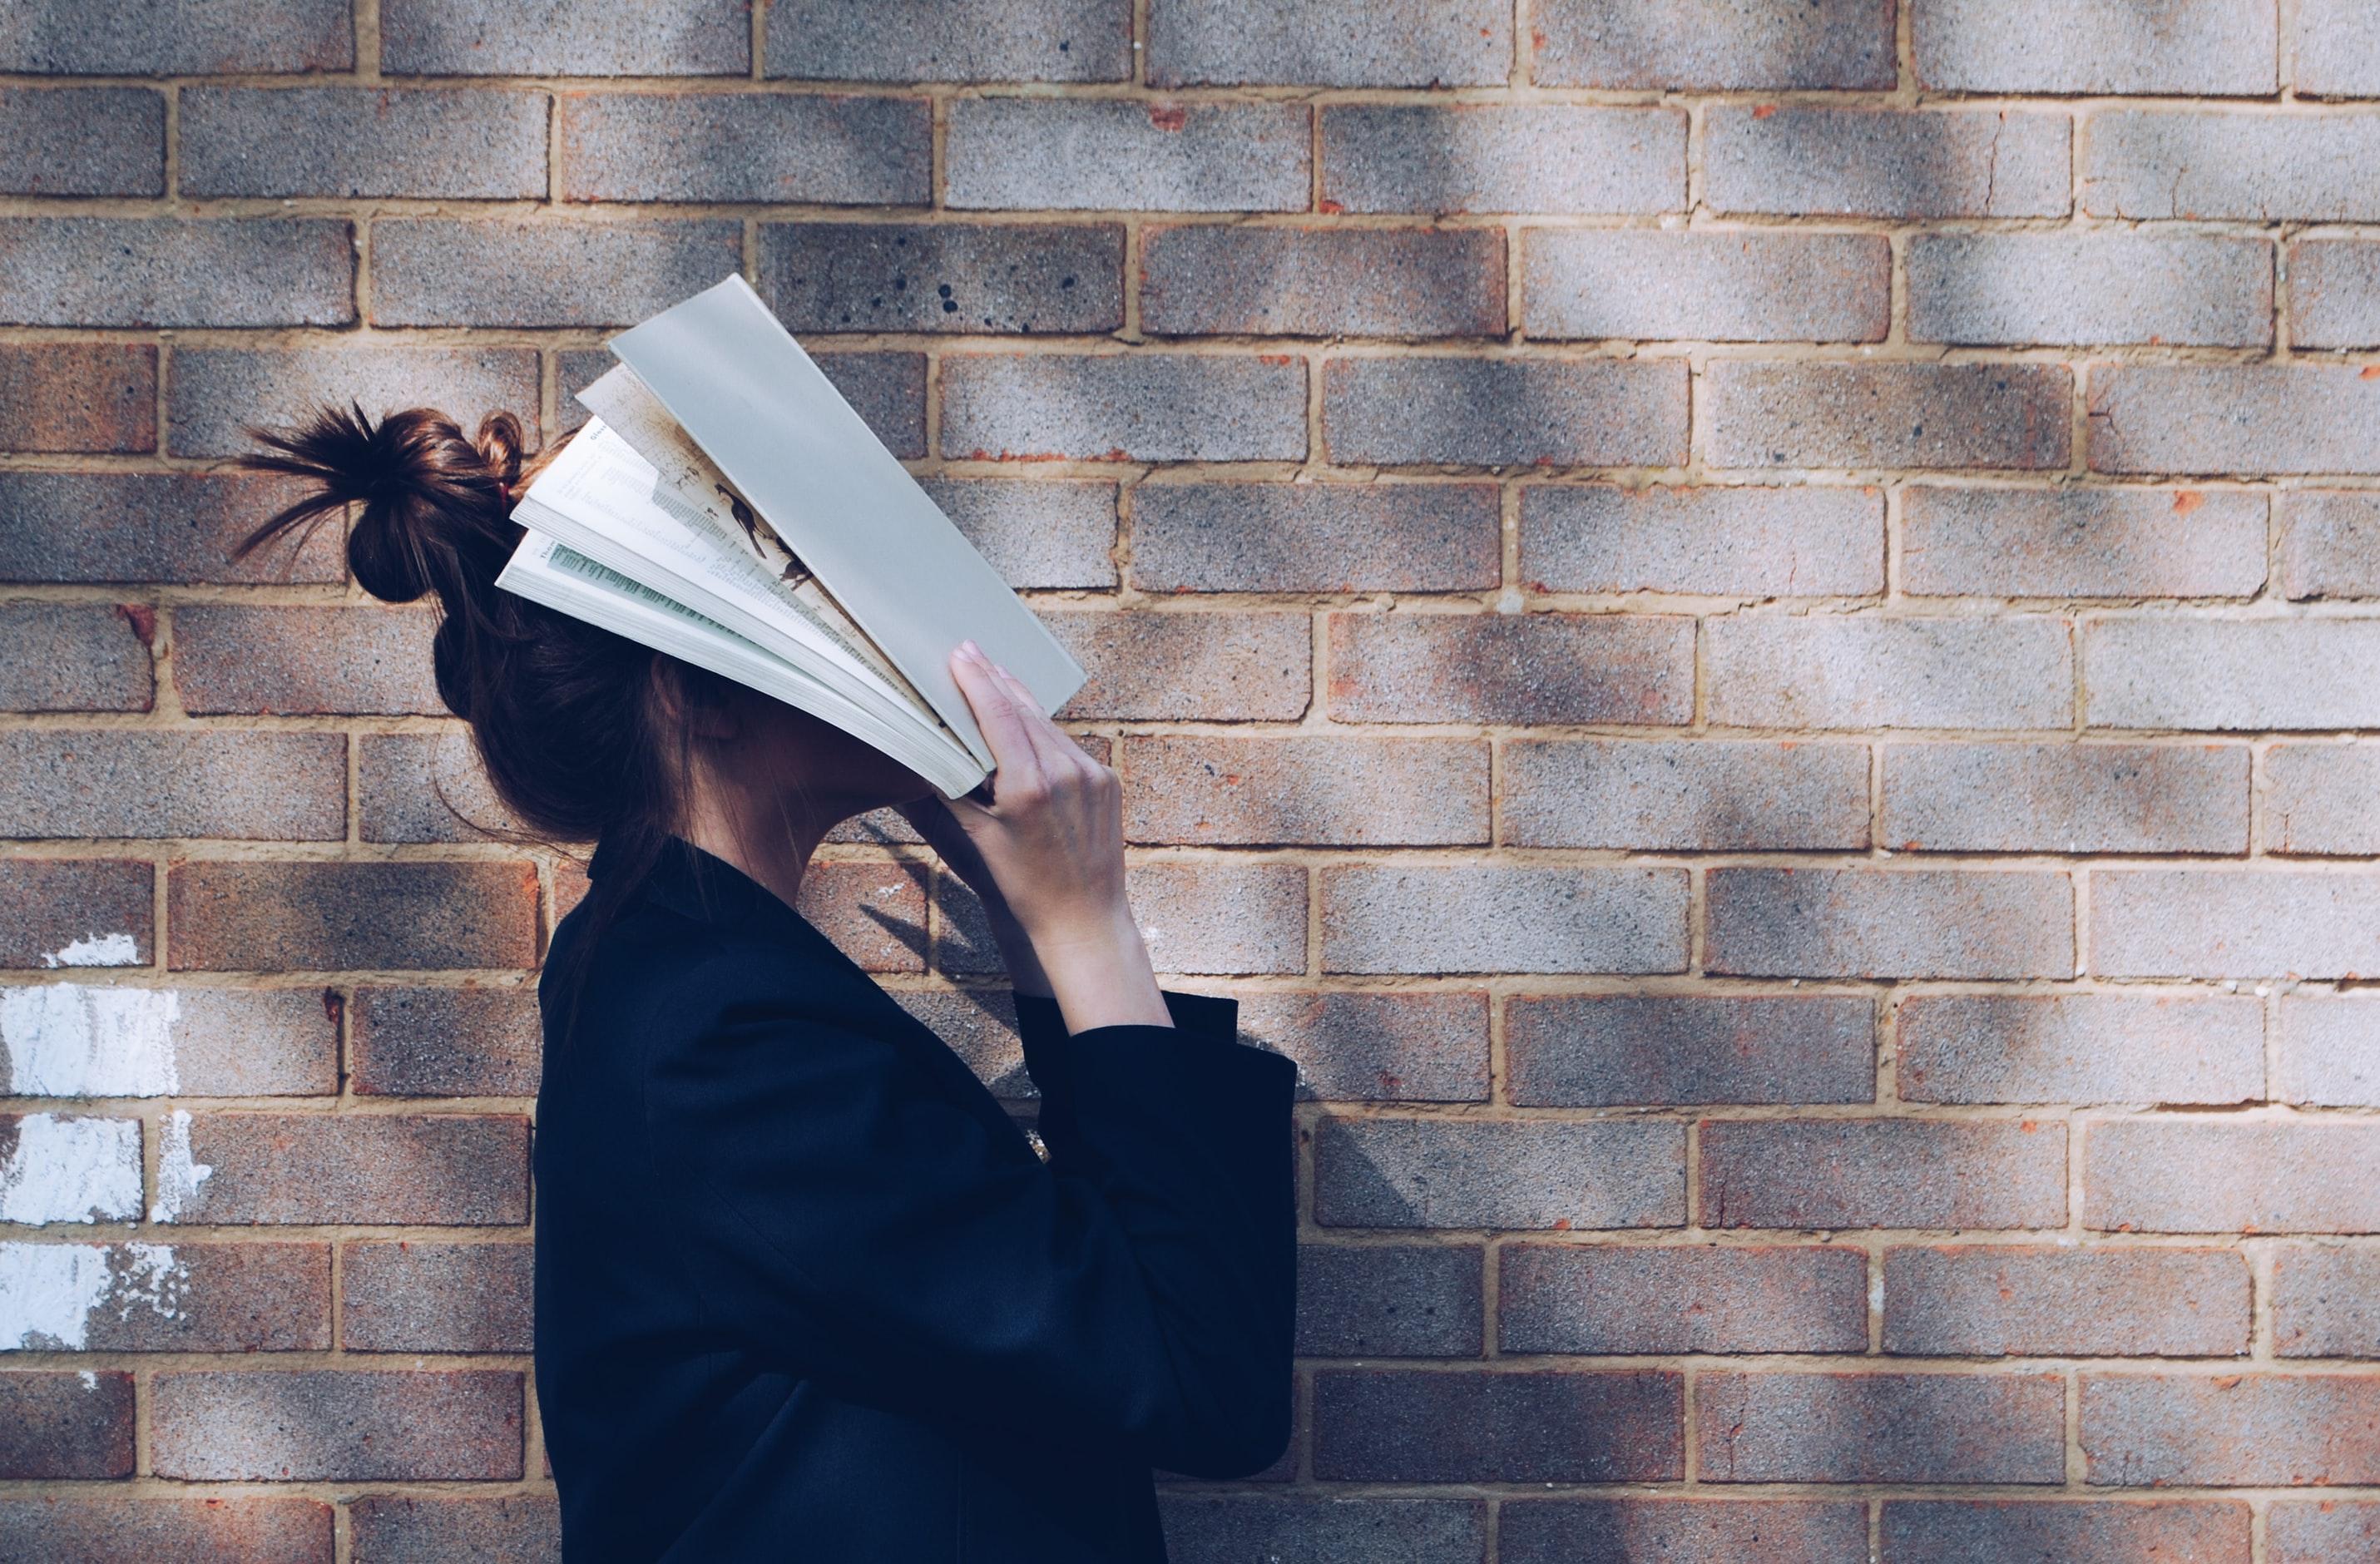 公務員試験は予備校と独学のどちらを選ぶべきか?